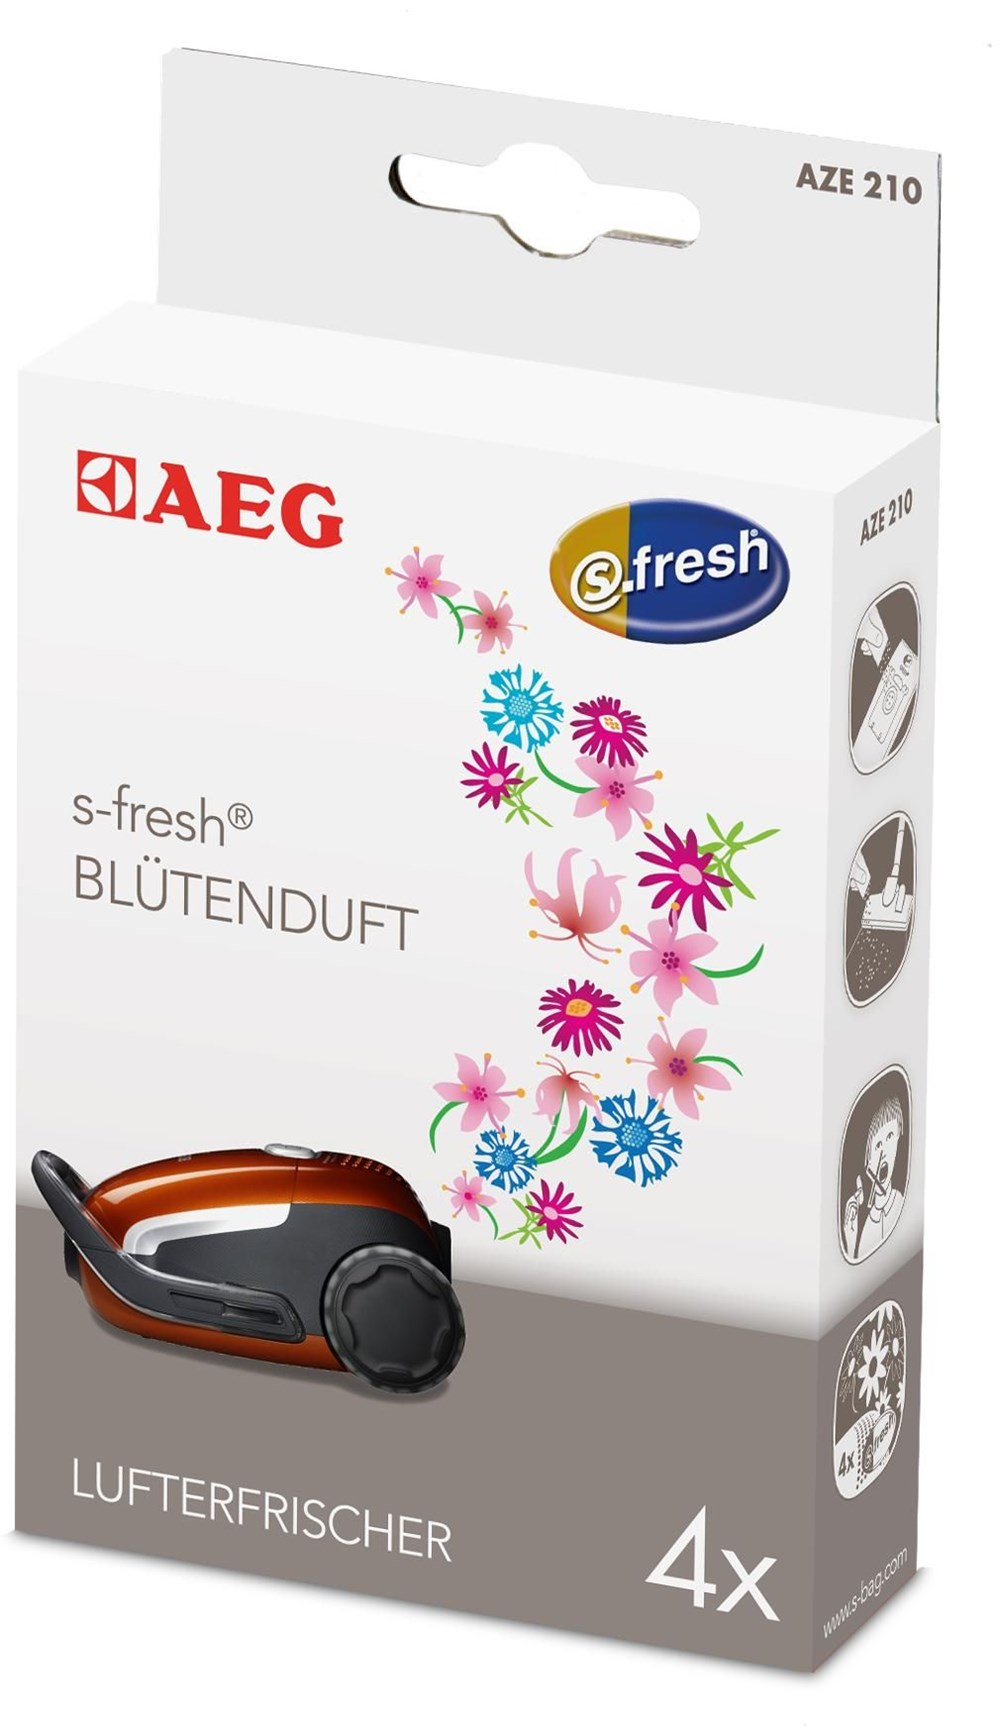 AEG Electrolux AEG AZE210 Lufterfrischer Blütenduft 900166885